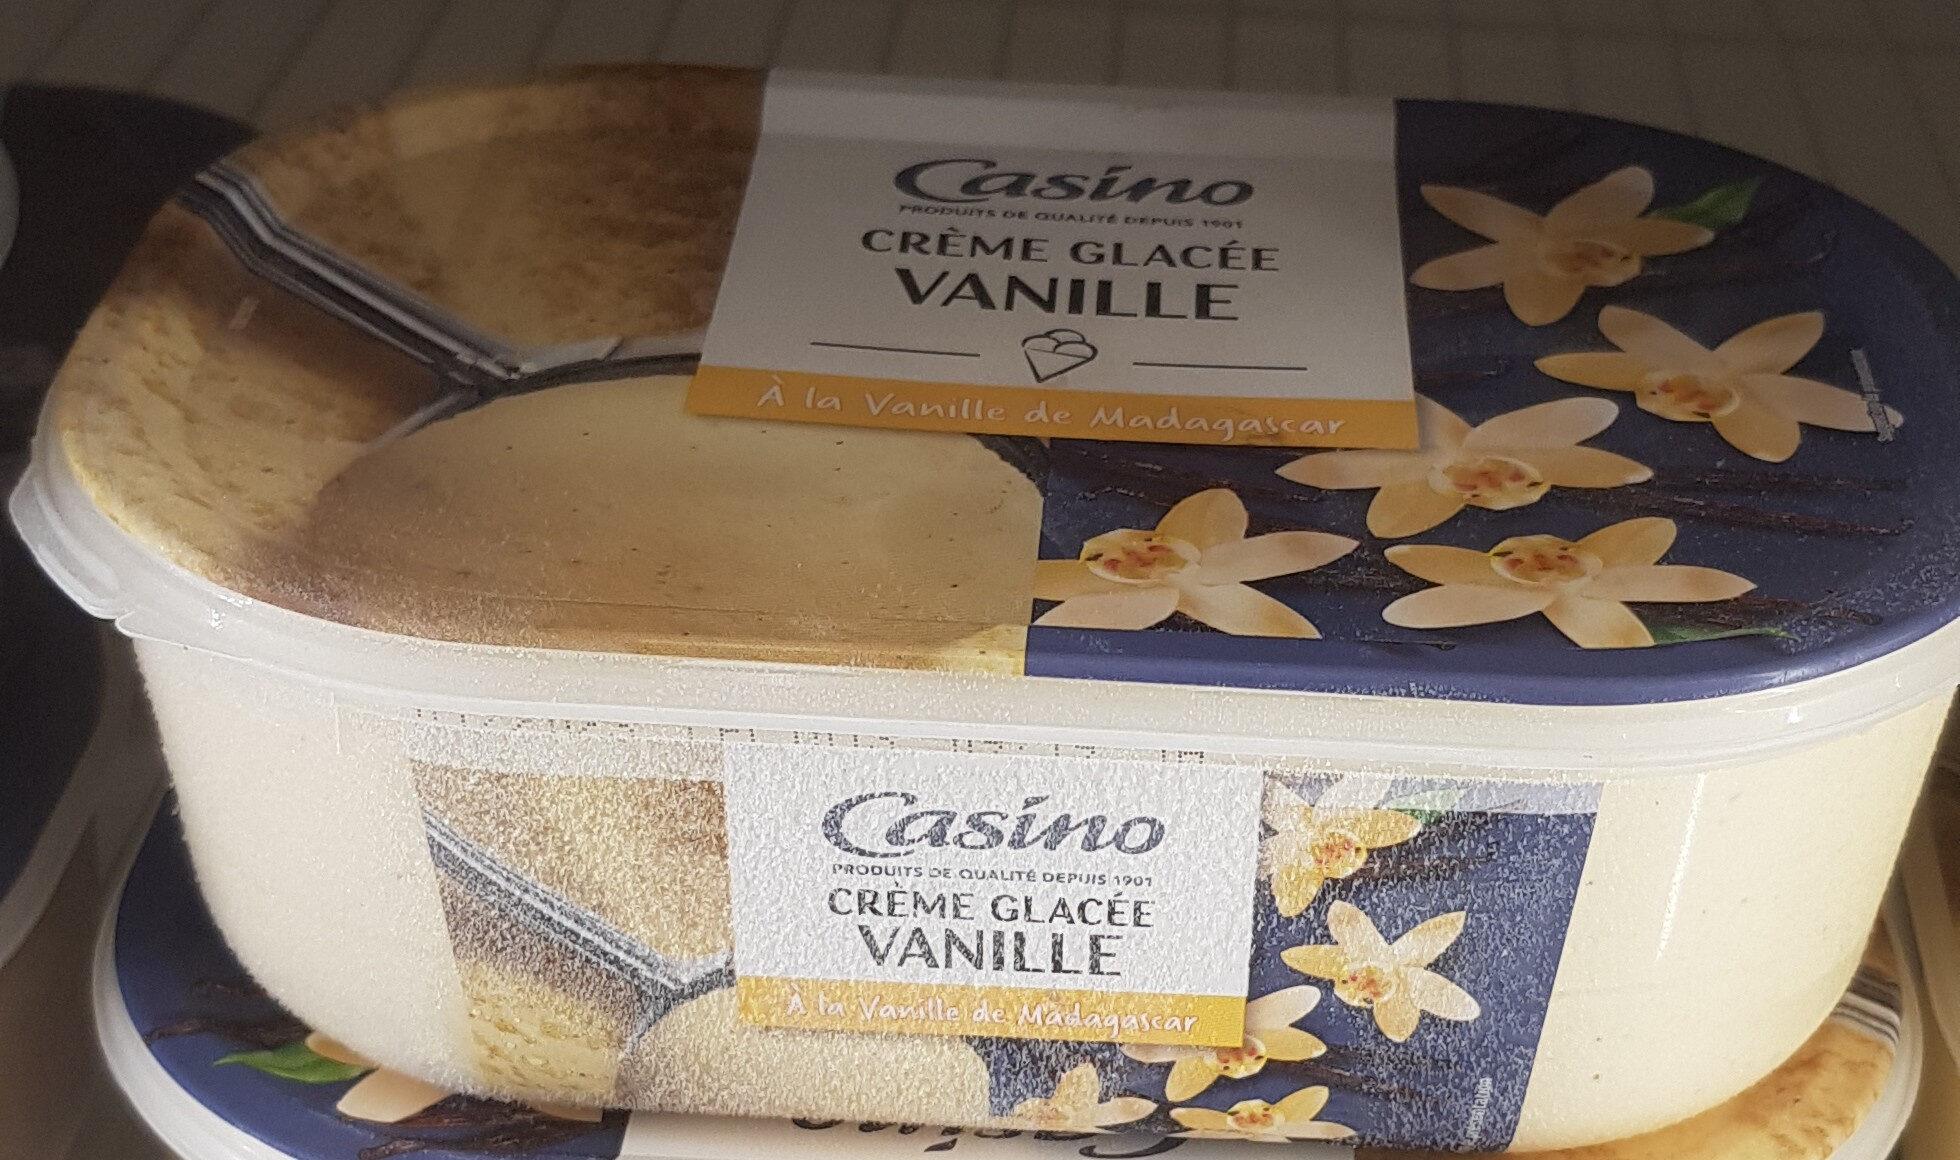 Crème glacée Vanille - A la vanille de Madagascar - Produit - fr